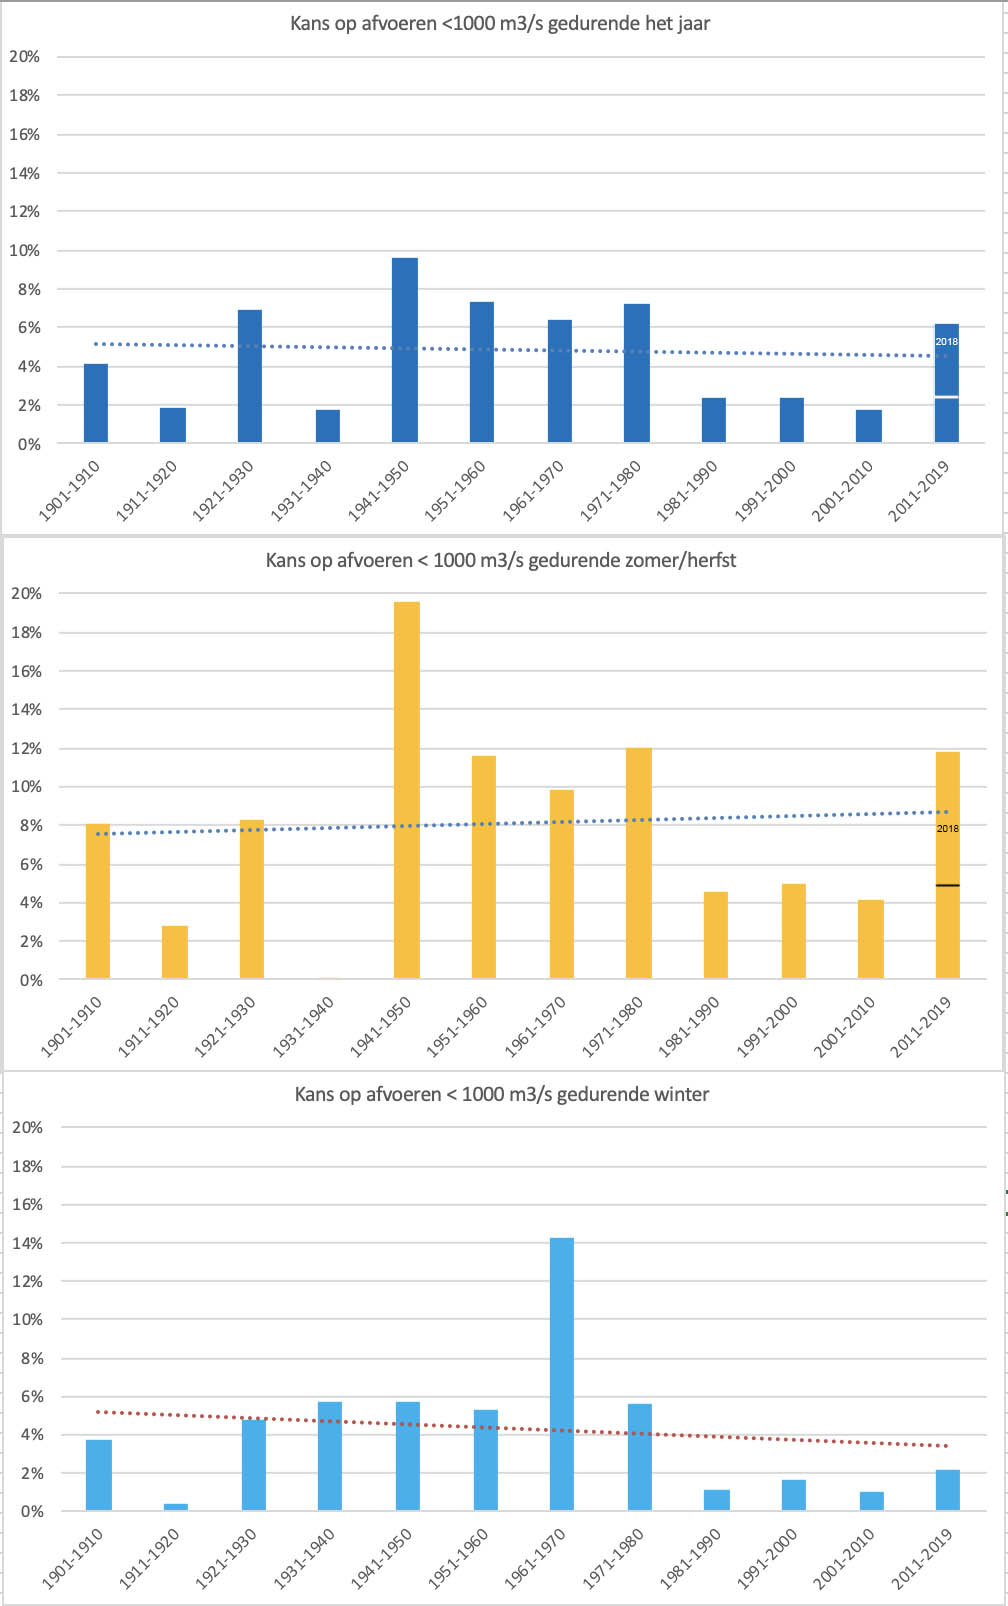 De kans dat een zeer lage (< 1.000 m3/s) afvoer optreedt in de Rijn per decade vanaf 1901; gedurende het hele jaar (boven), gedurende de periode juli t/m november (midden) en gedurende de periode december t/m februari (onder).